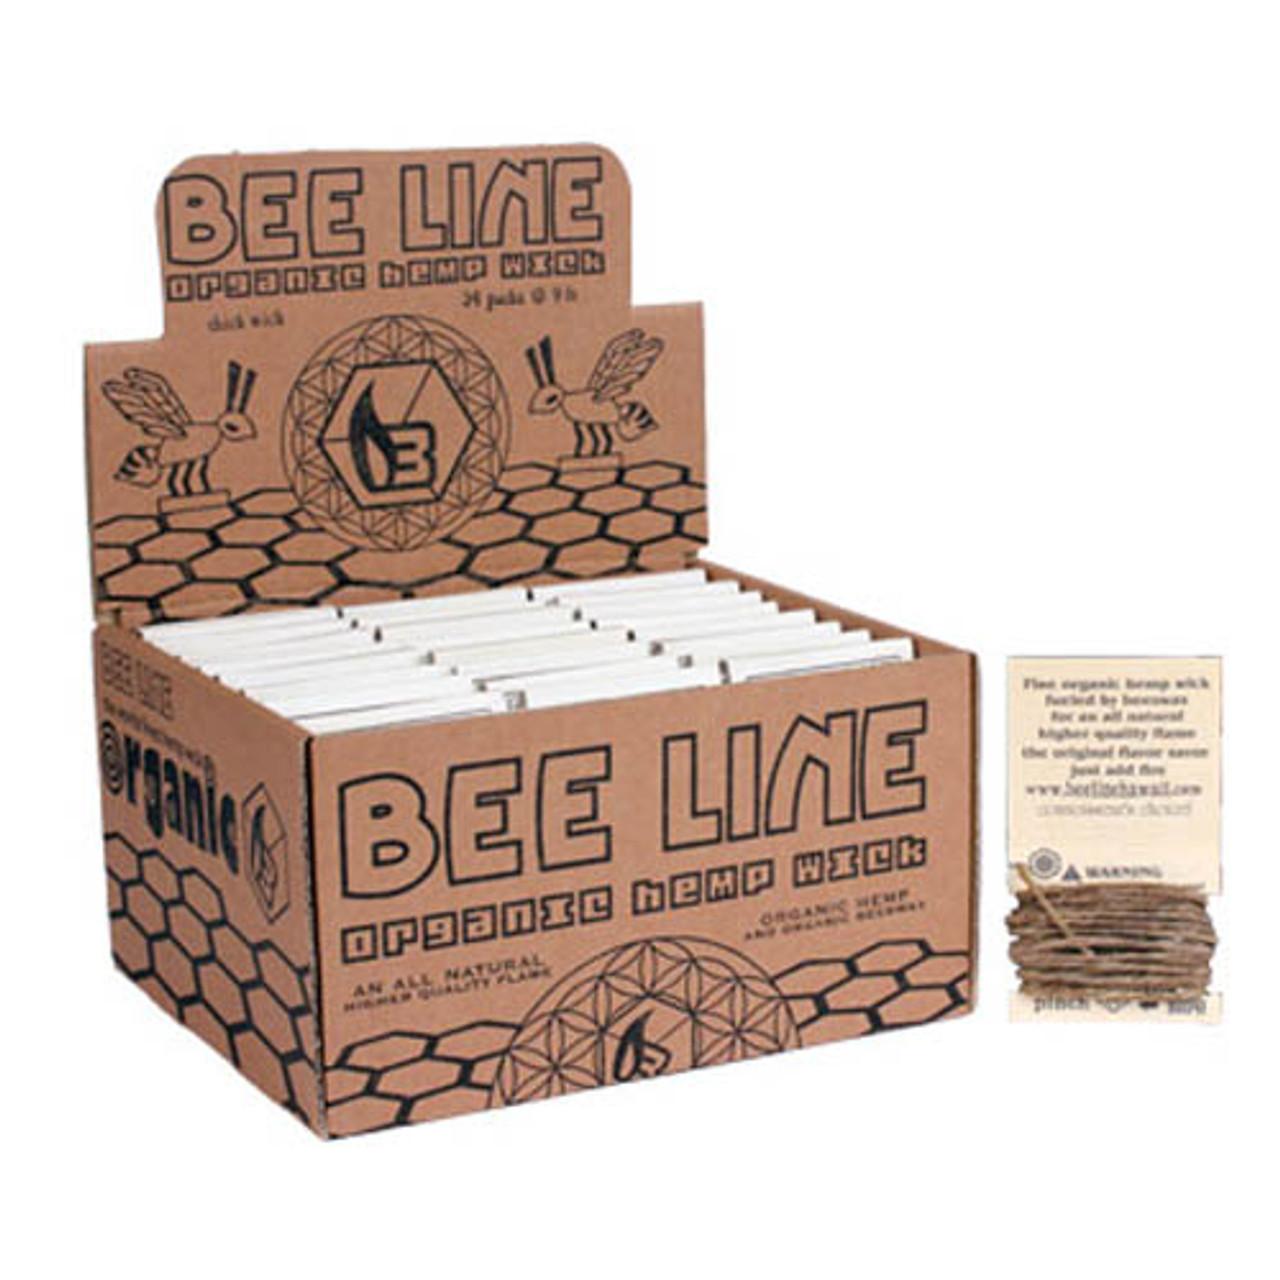 Bee Line Organic Hemp Wick Display